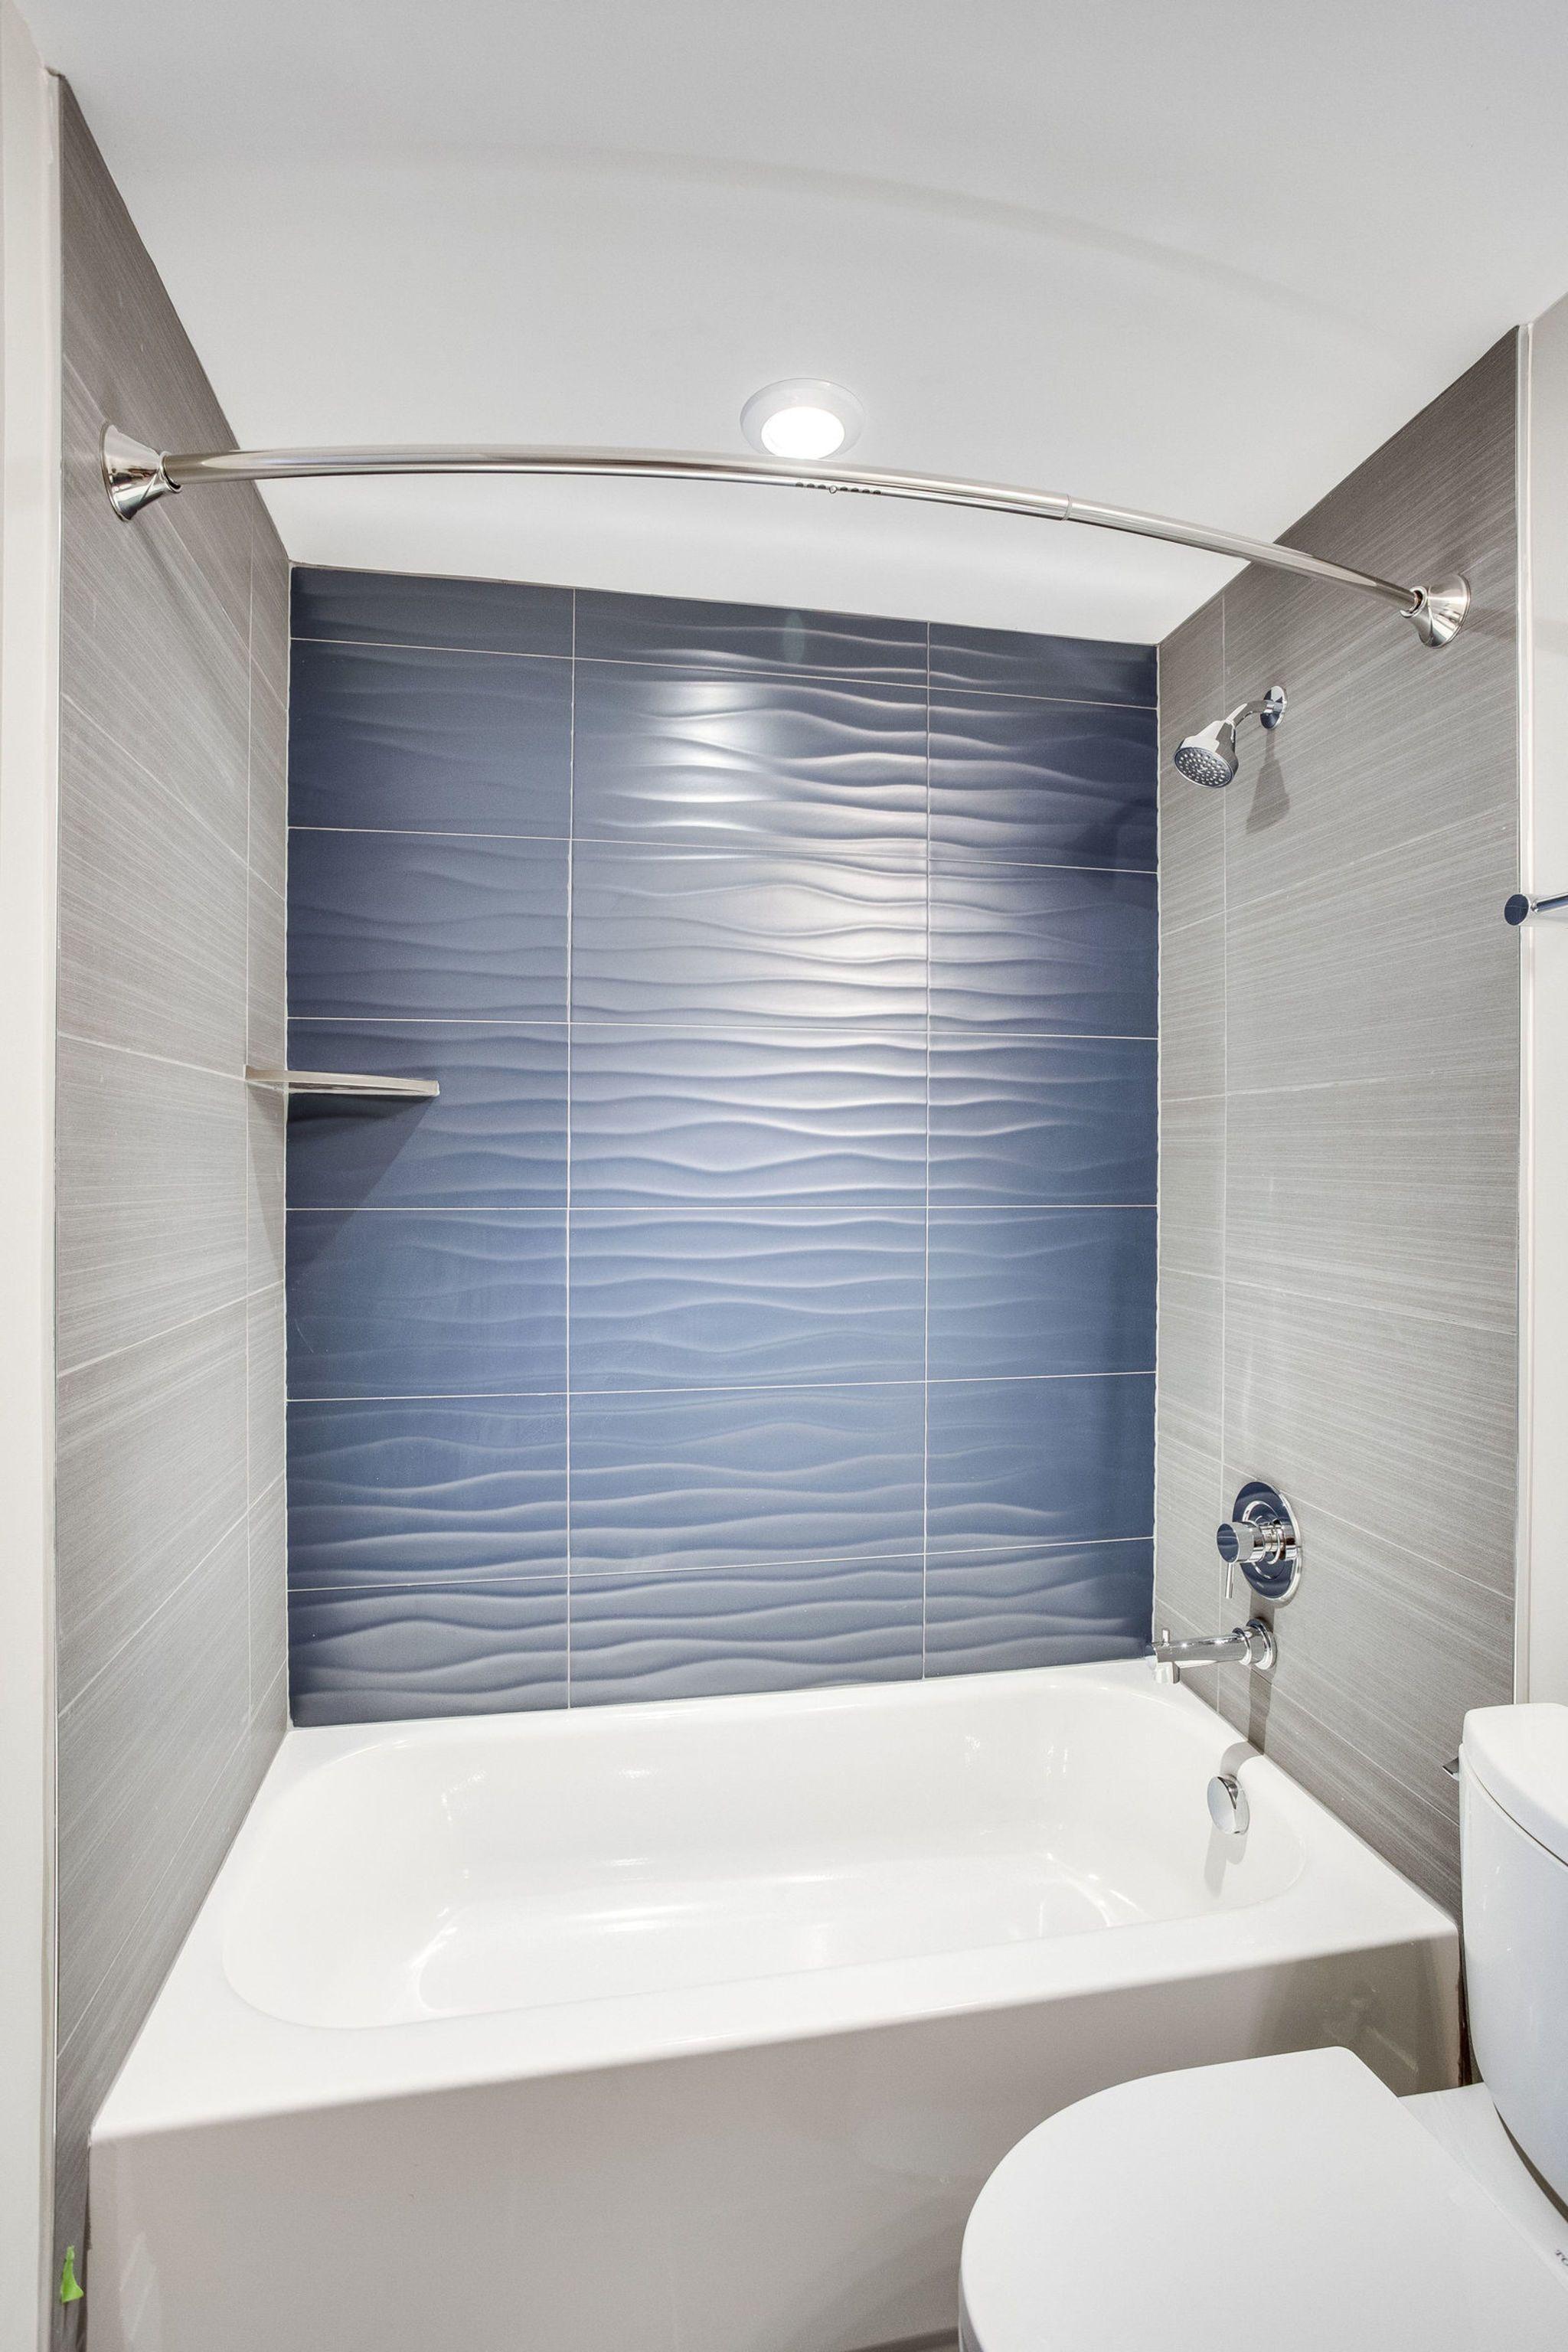 Home Custom Homes Home Bathtub